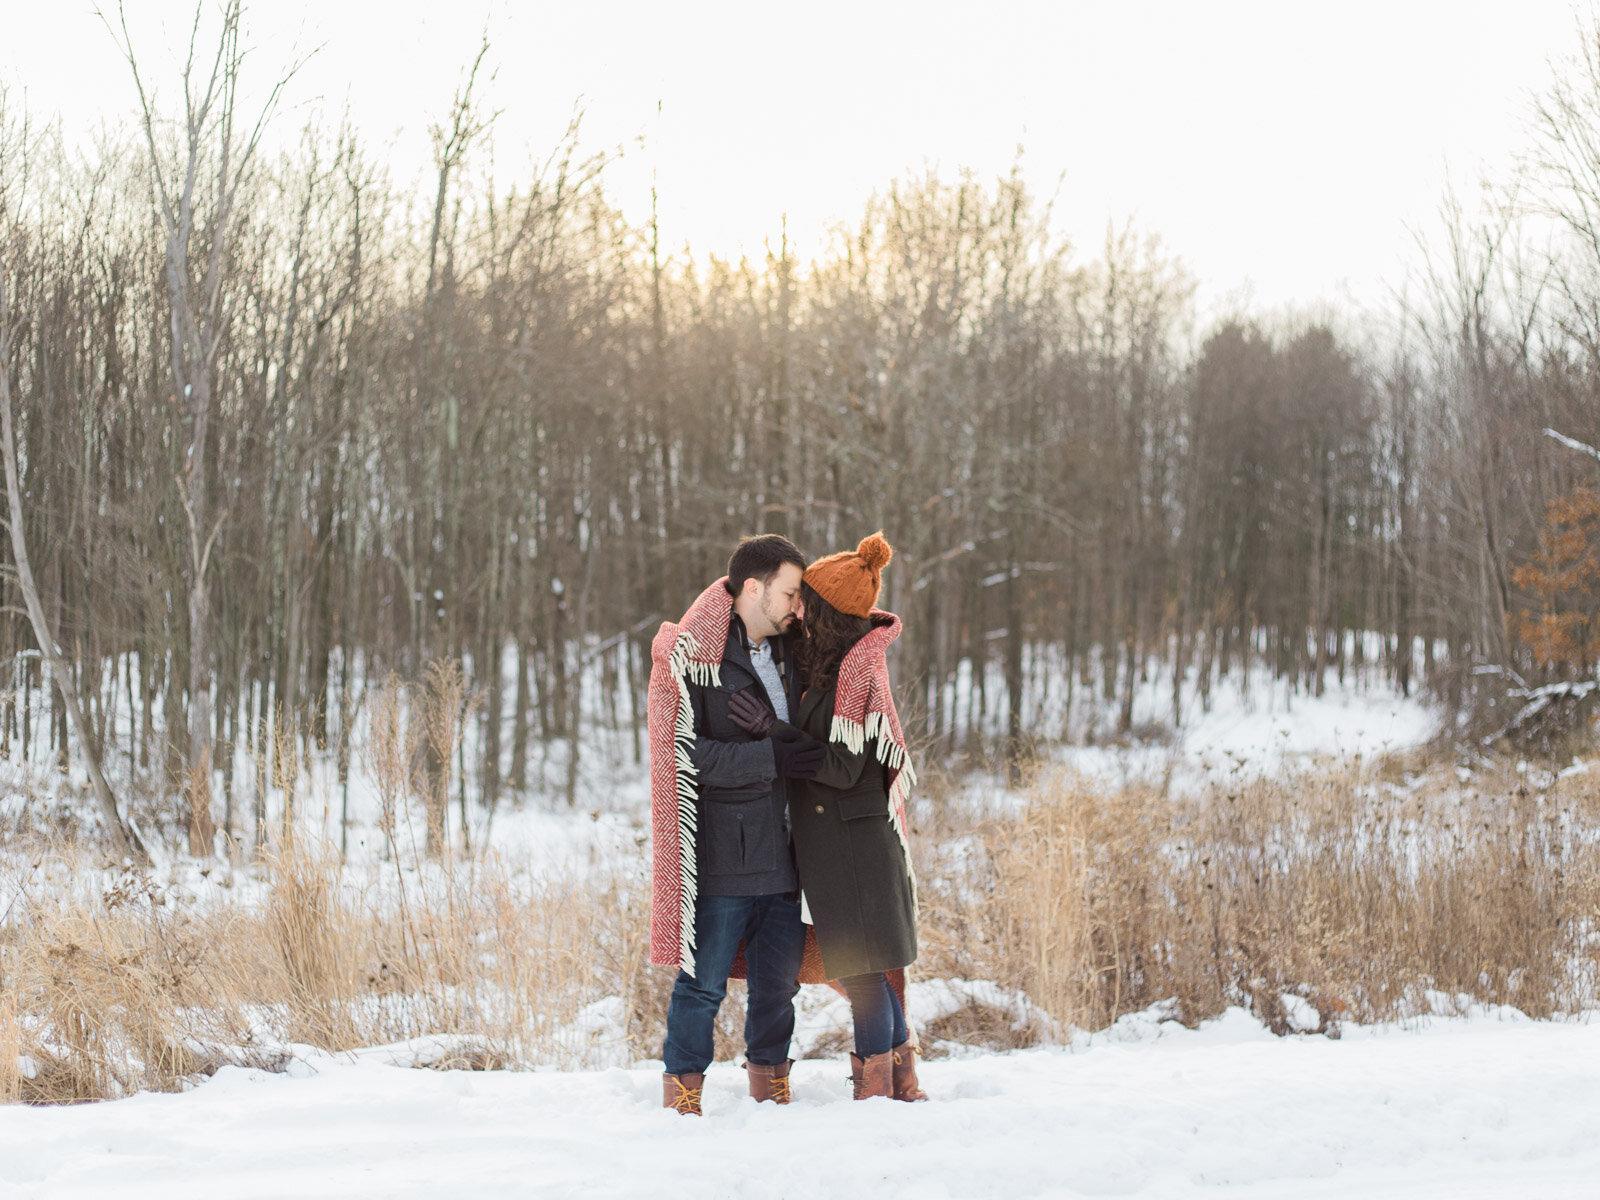 Frozen+Brandywine+Falls+Photos+by+Cleveland+Wedding+Photographer+Matt+Erickson+Photography.jpeg